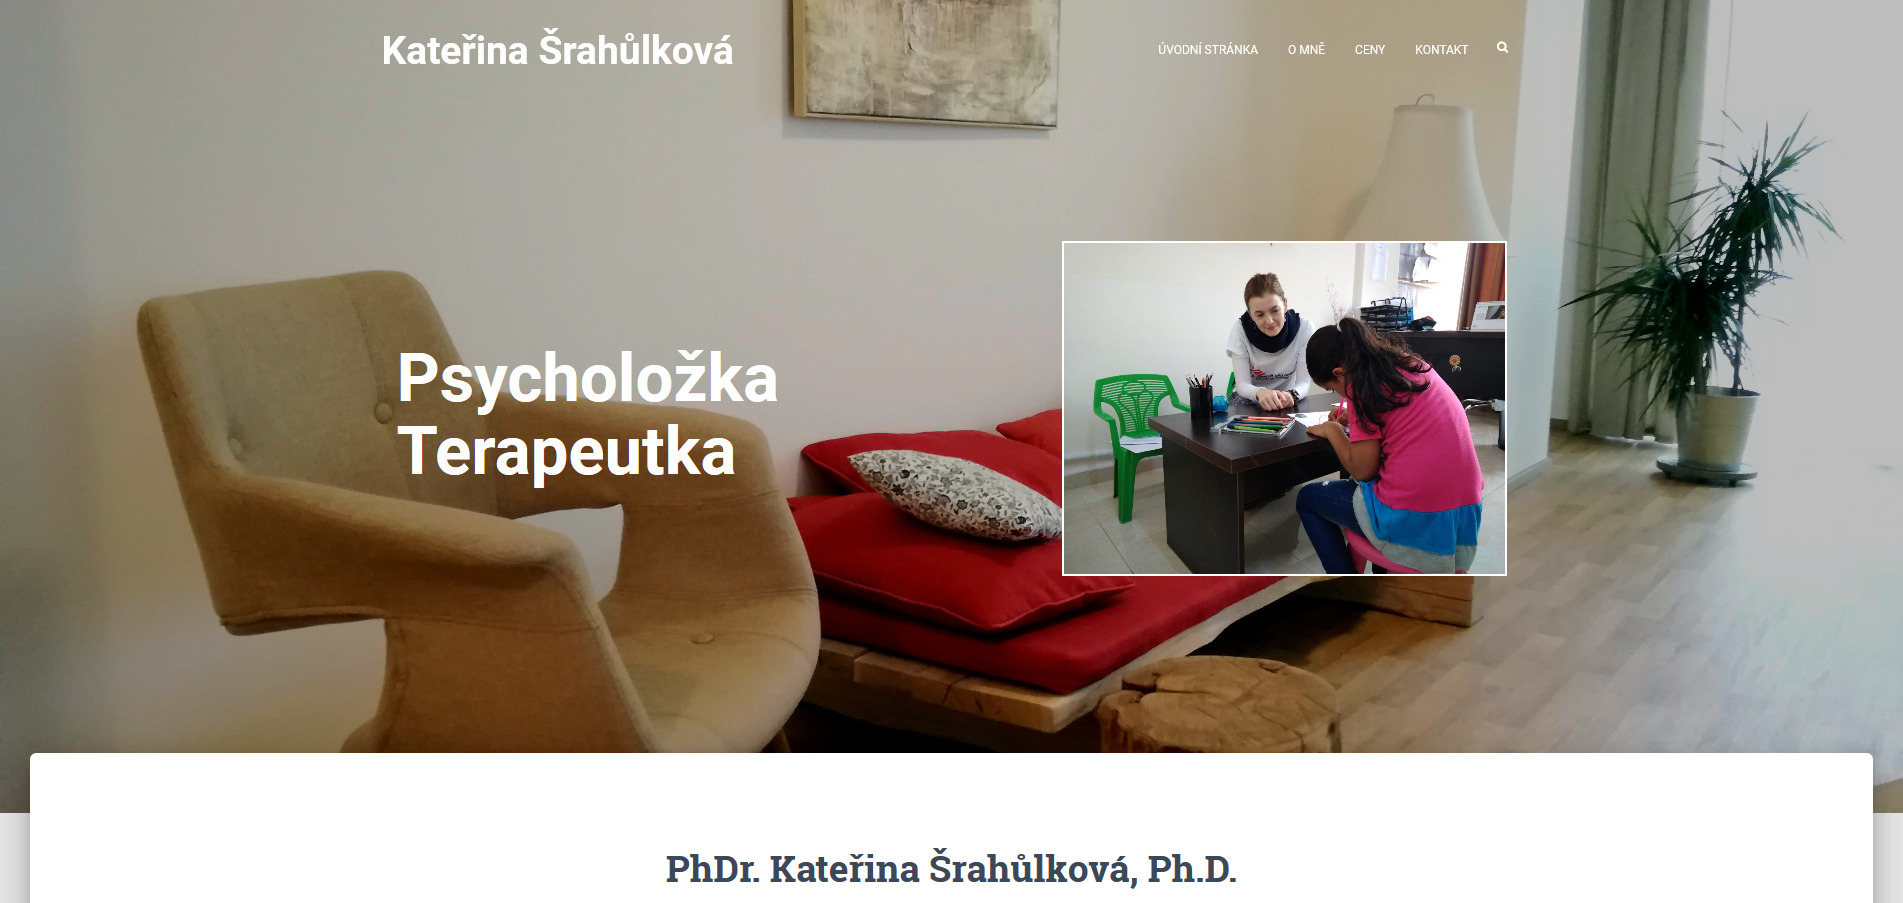 Psycholožka a terapeutka Kateřina Šrahůlková